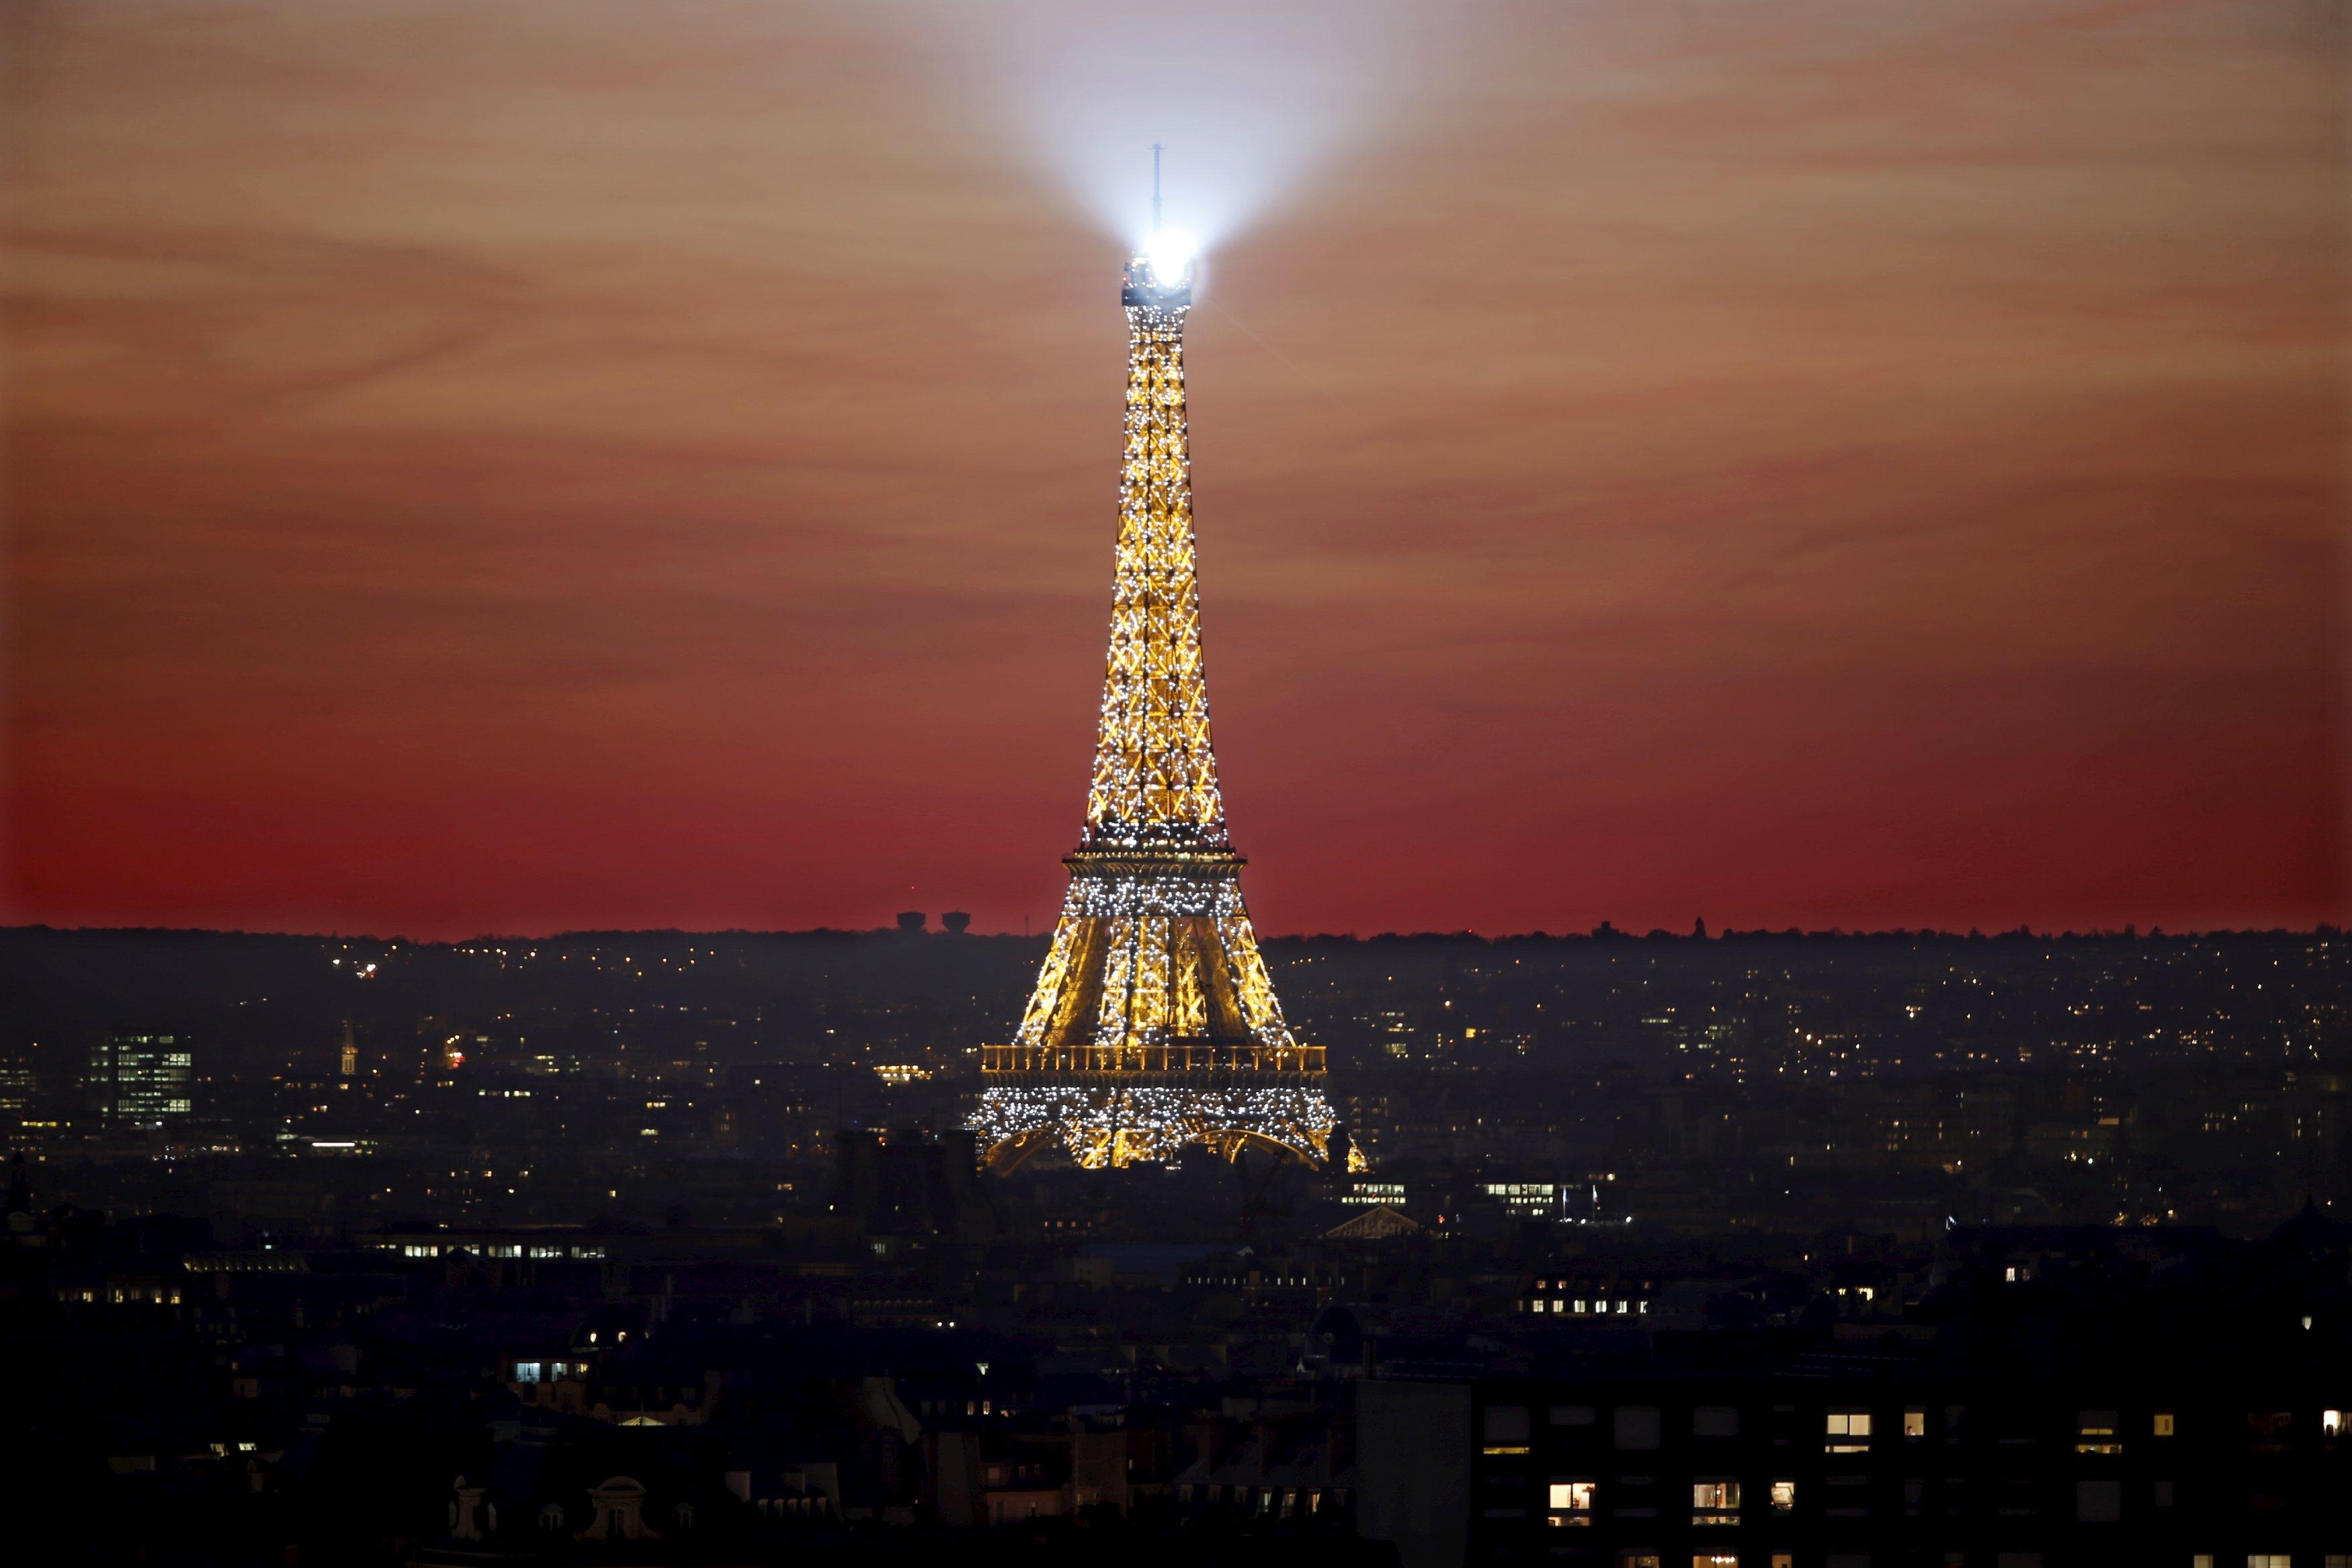 Menara Eiffel saat matahari tenggelam di Paris, Prancis, Senin (9/11). Paris akan menyelenggarakan Konferensi Perubahan Iklim Dunia 2015 (COP21) dari tanggal 30 November sampai 11 Desember. REUTERS/Charles Platiau.